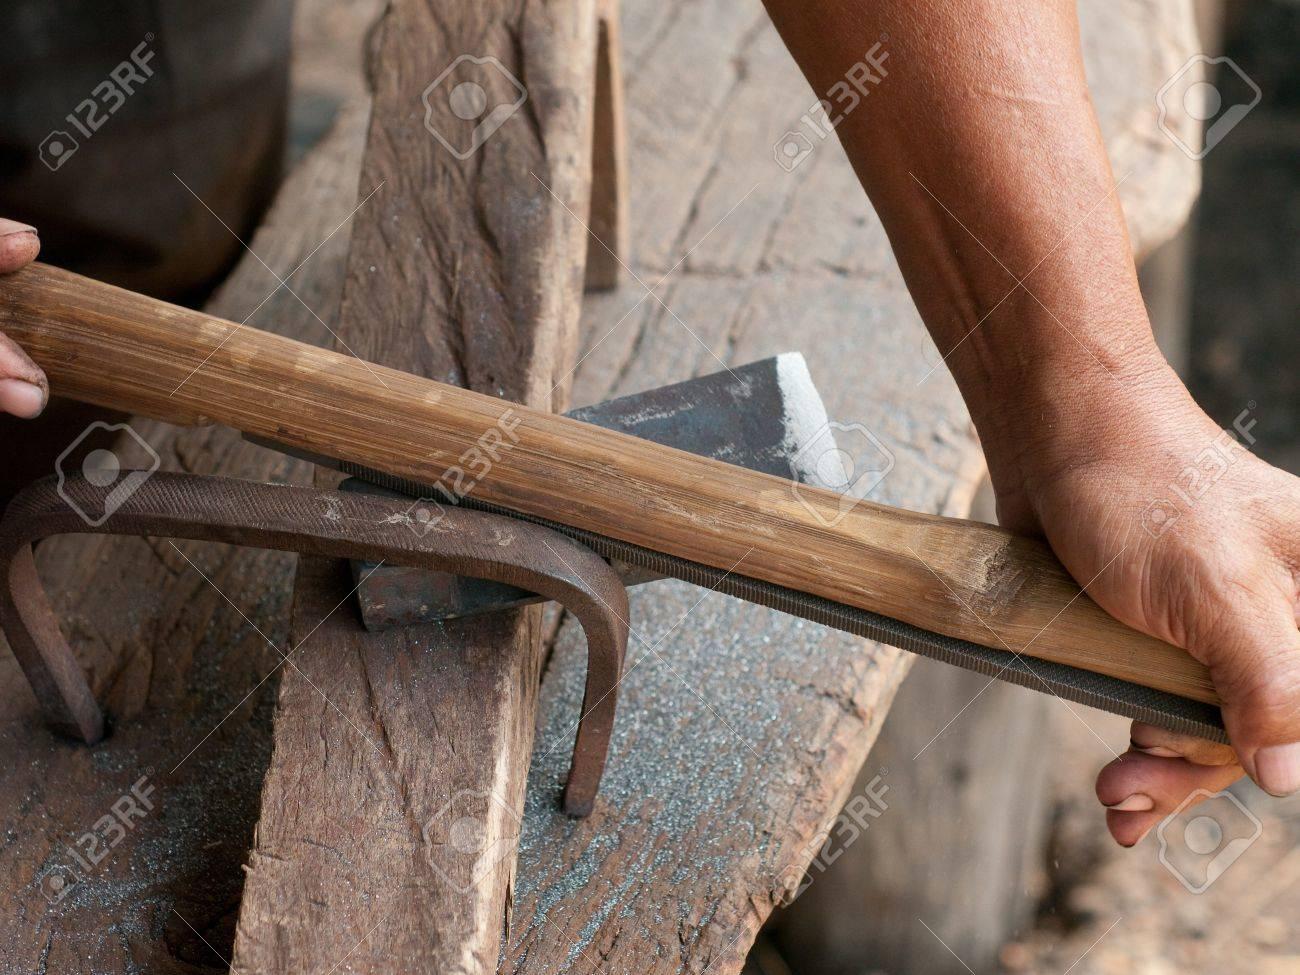 blacksmith schärfen eine axt, die eine datei auf einer welle